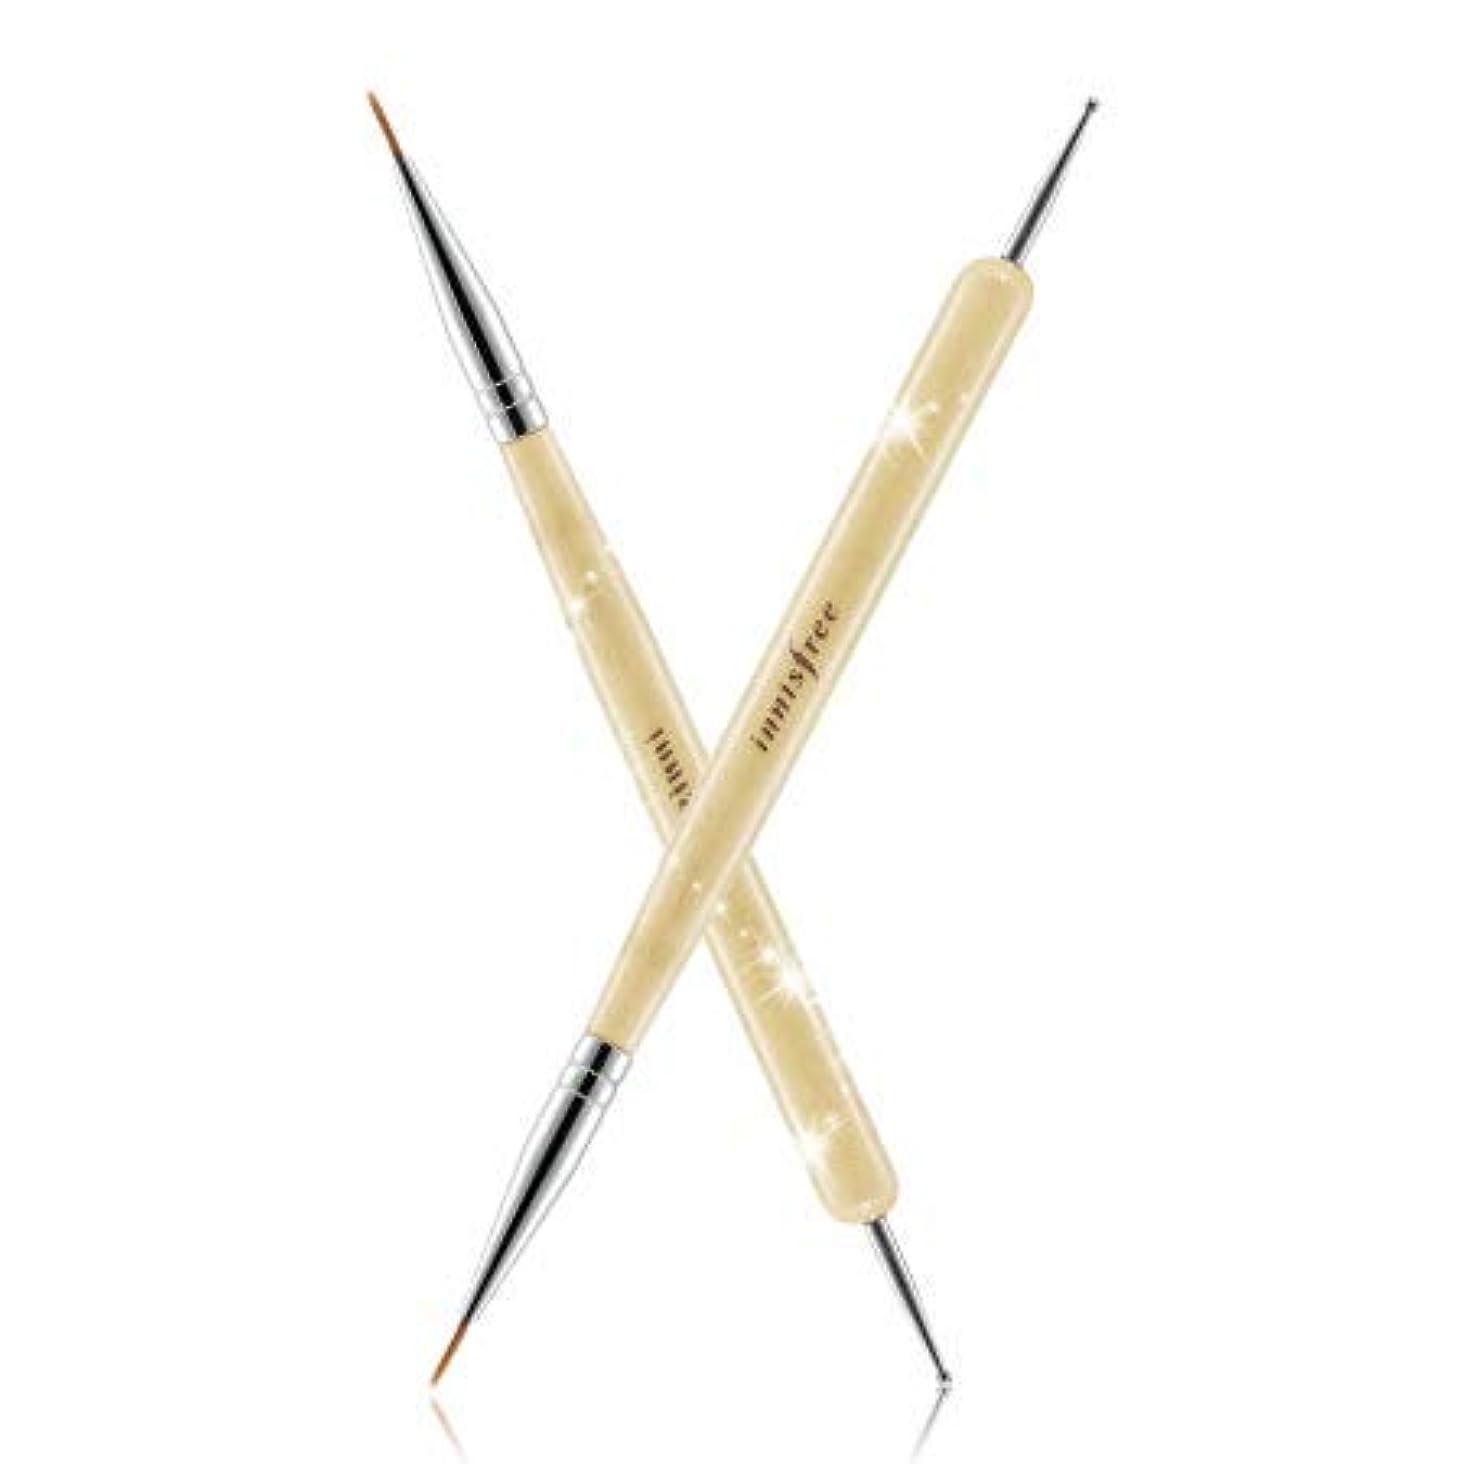 不良品コンピューターさらに[イニスフリー.innisfree]ビューティーツールネイルアートスティック/Beauty Tool Nail Art Stick